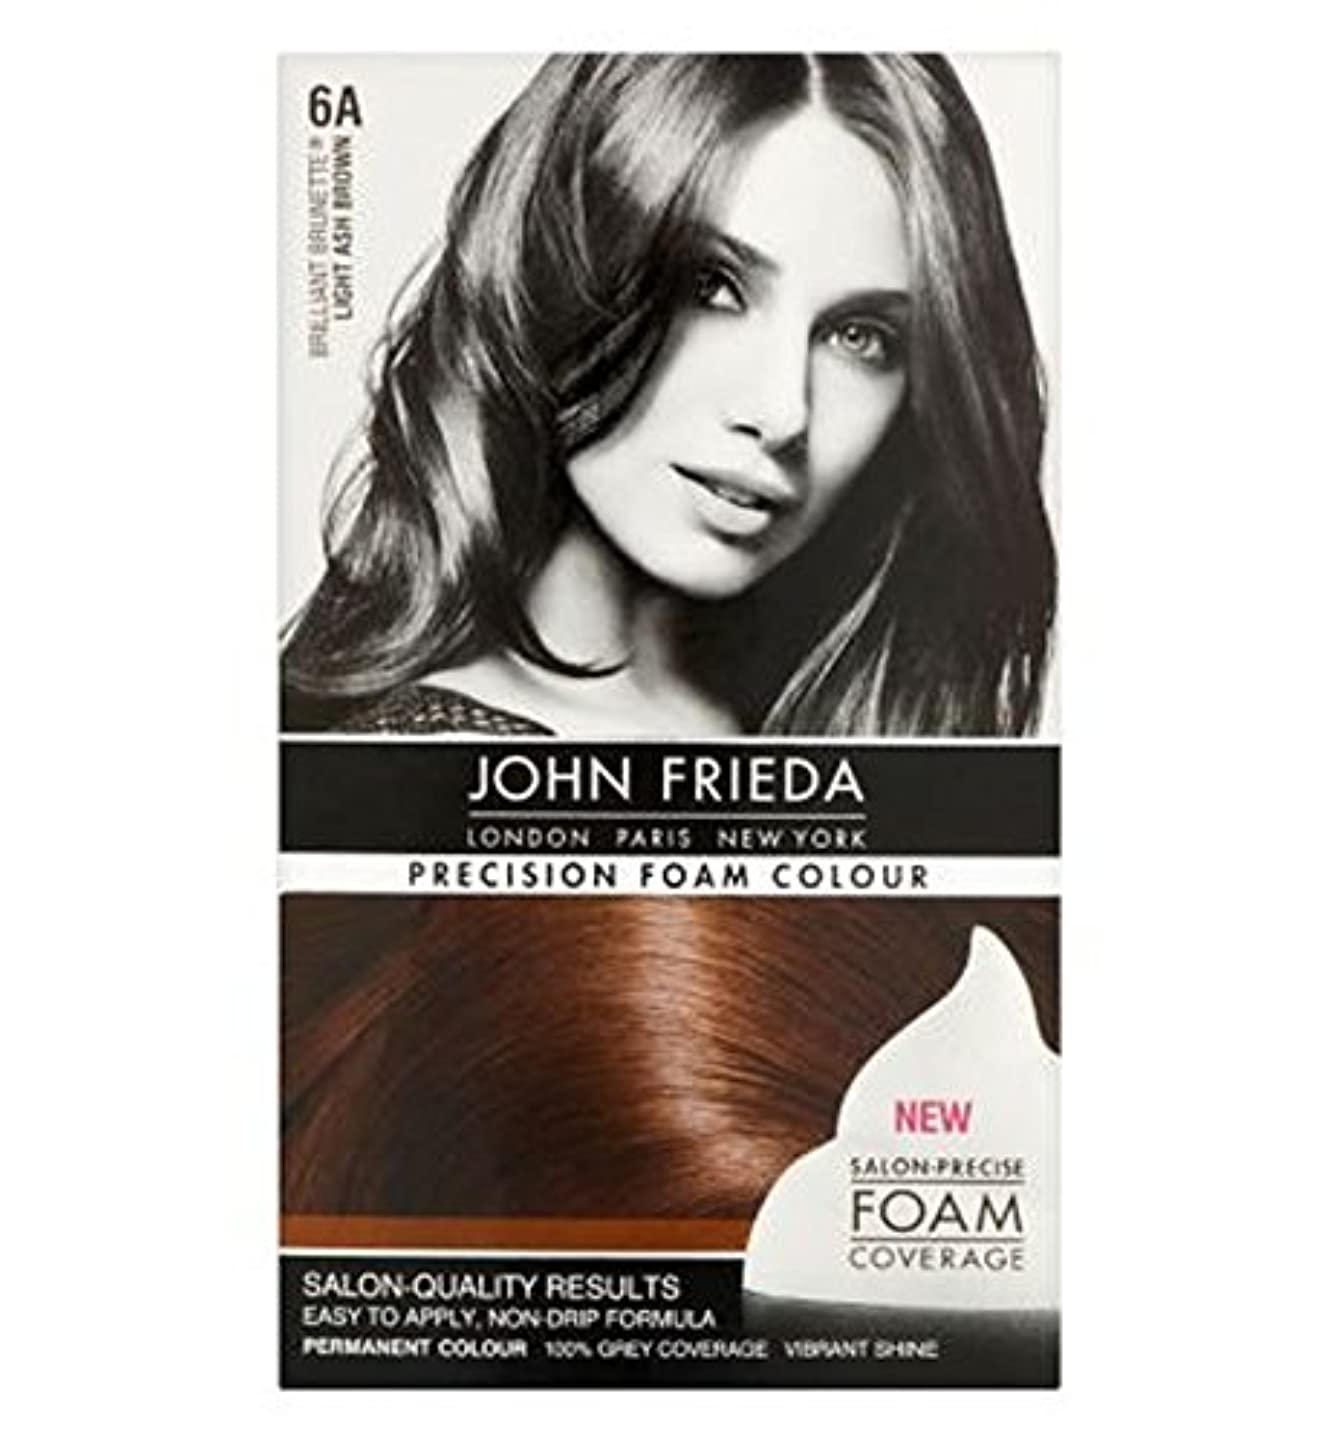 ピラミッド硬いつかむJohn Frieda Precision Foam Colour 6A Light Ash Brown - ジョン?フリーダ精密泡カラー6Aの光灰褐色 (John Frieda) [並行輸入品]